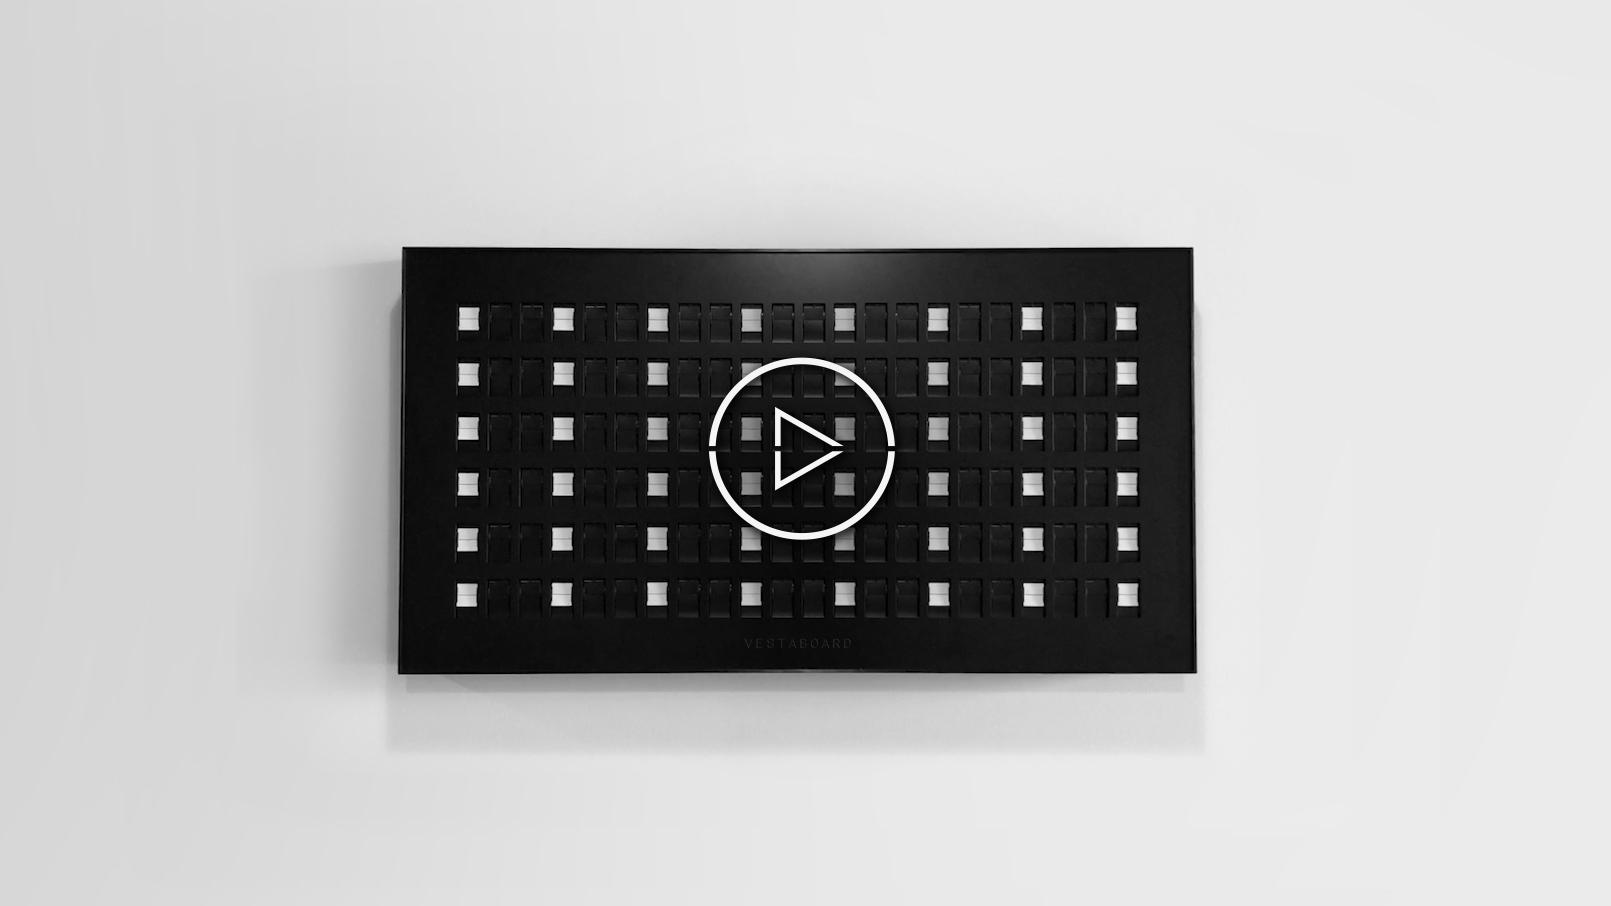 Vestaboard displays artistic white stripe bars on black background